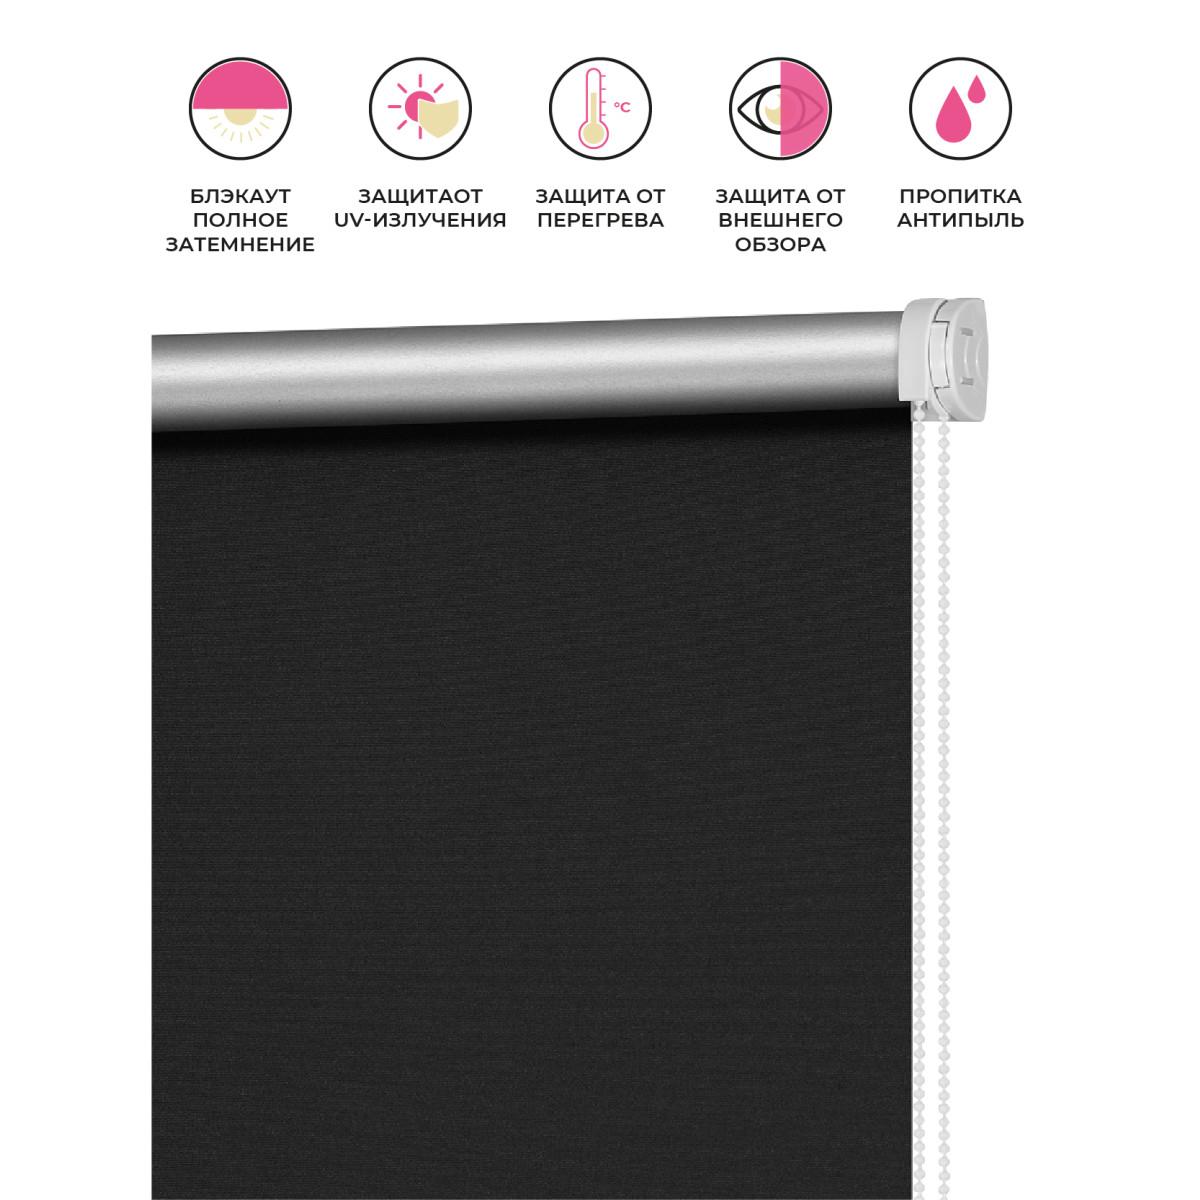 Рулонная Ора Decofest Блэкаут Плайн 90Х160 Цвет Черный